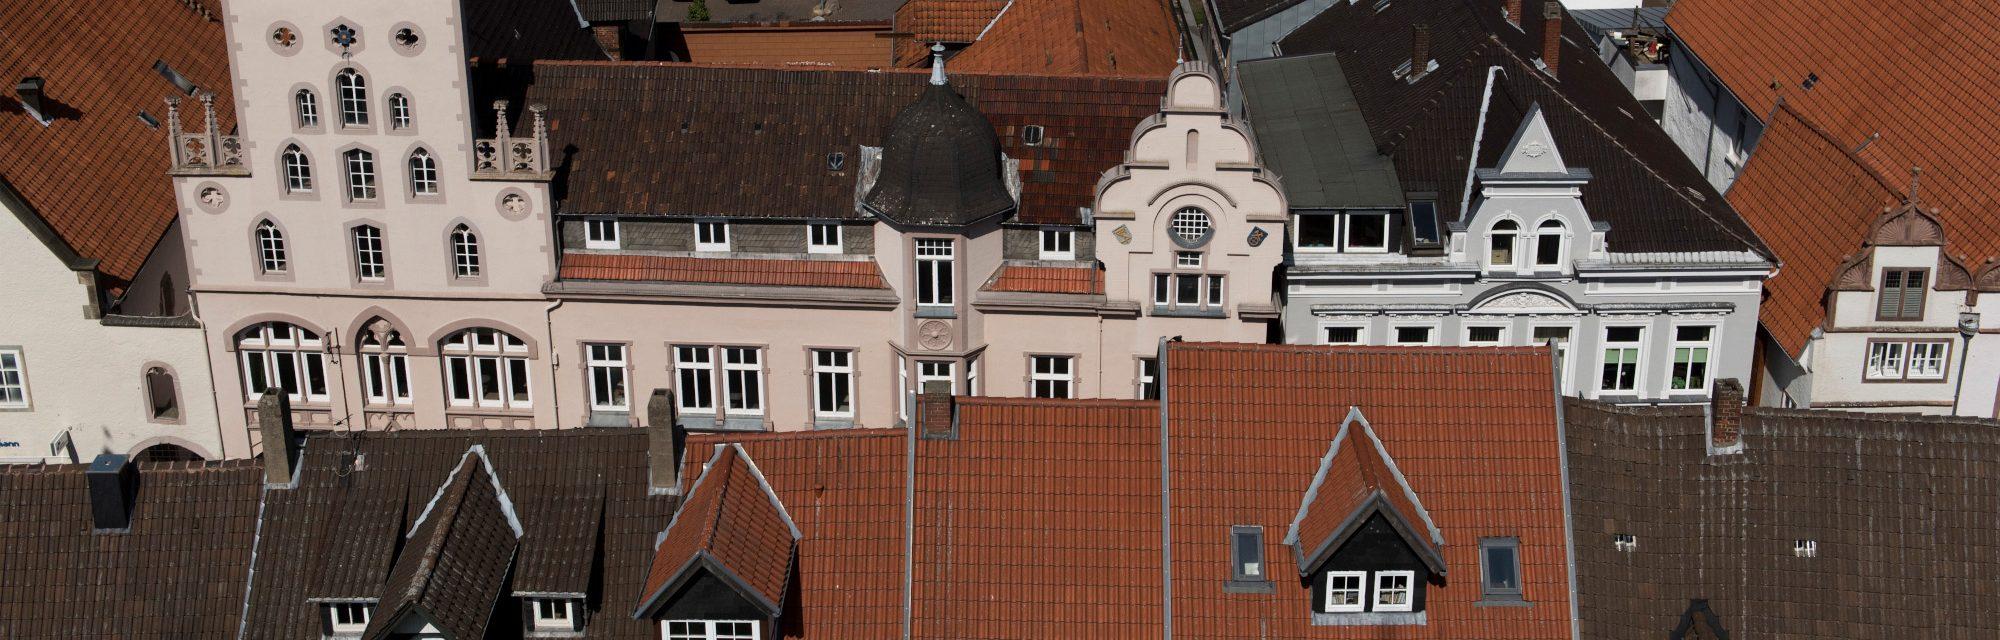 Städtebauförderung in Lemgo / Luftaufnahme Kernstadt